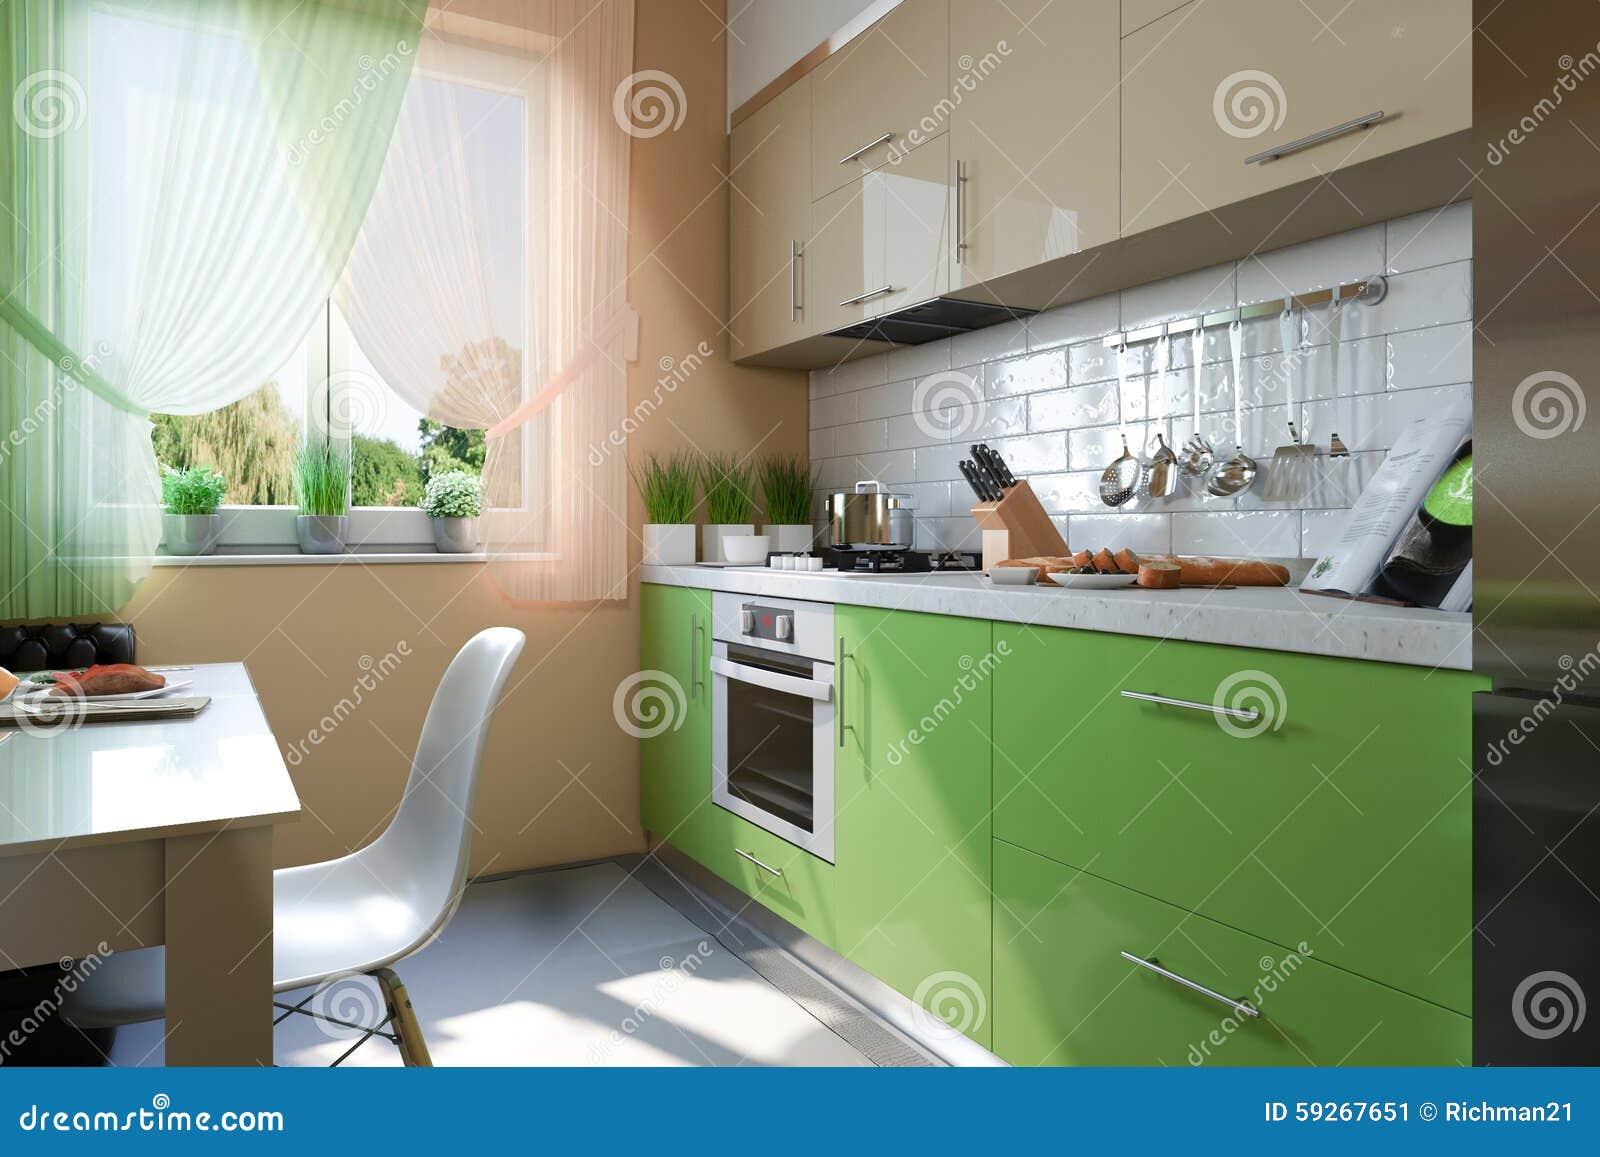 3d Fußboden Küche ~ Illustration d der küche mit den beige und grünen fassaden stock